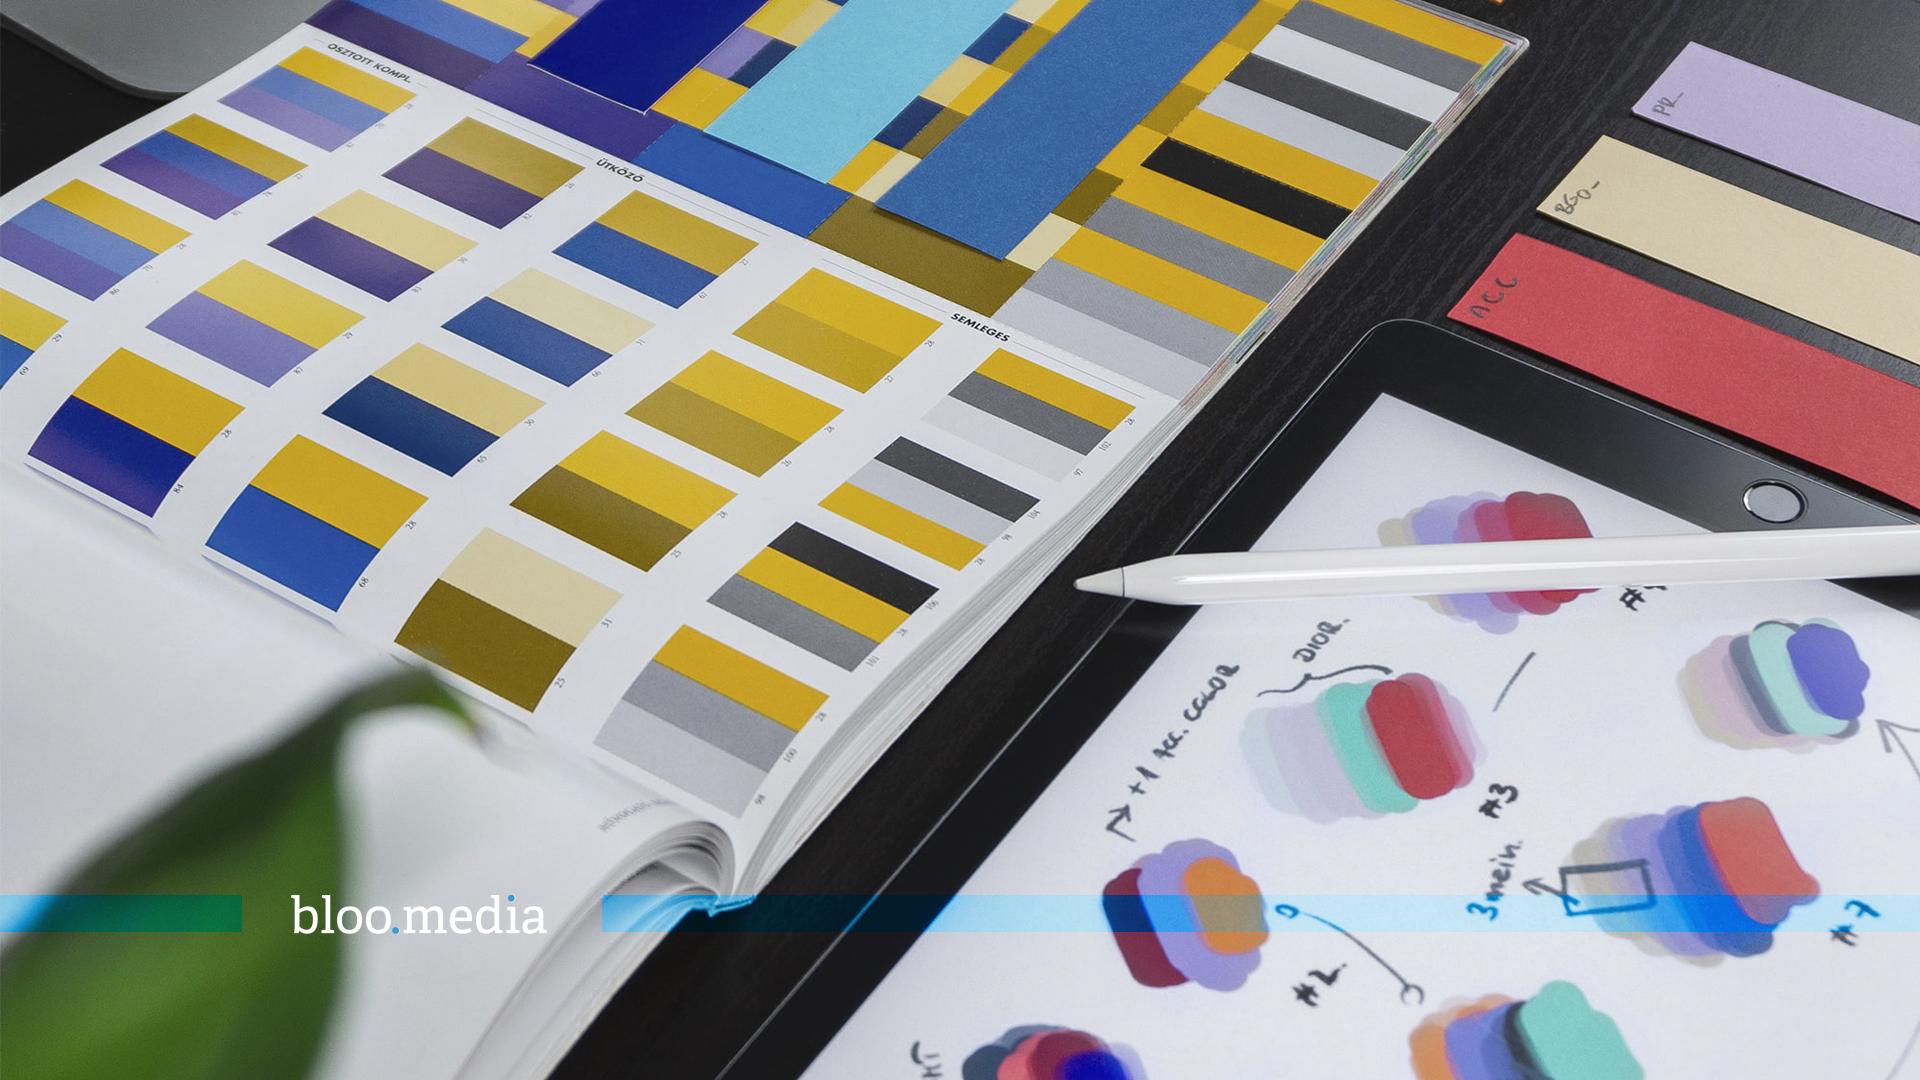 Identidad Corporativa: Claves para crear una marca de empresa solida